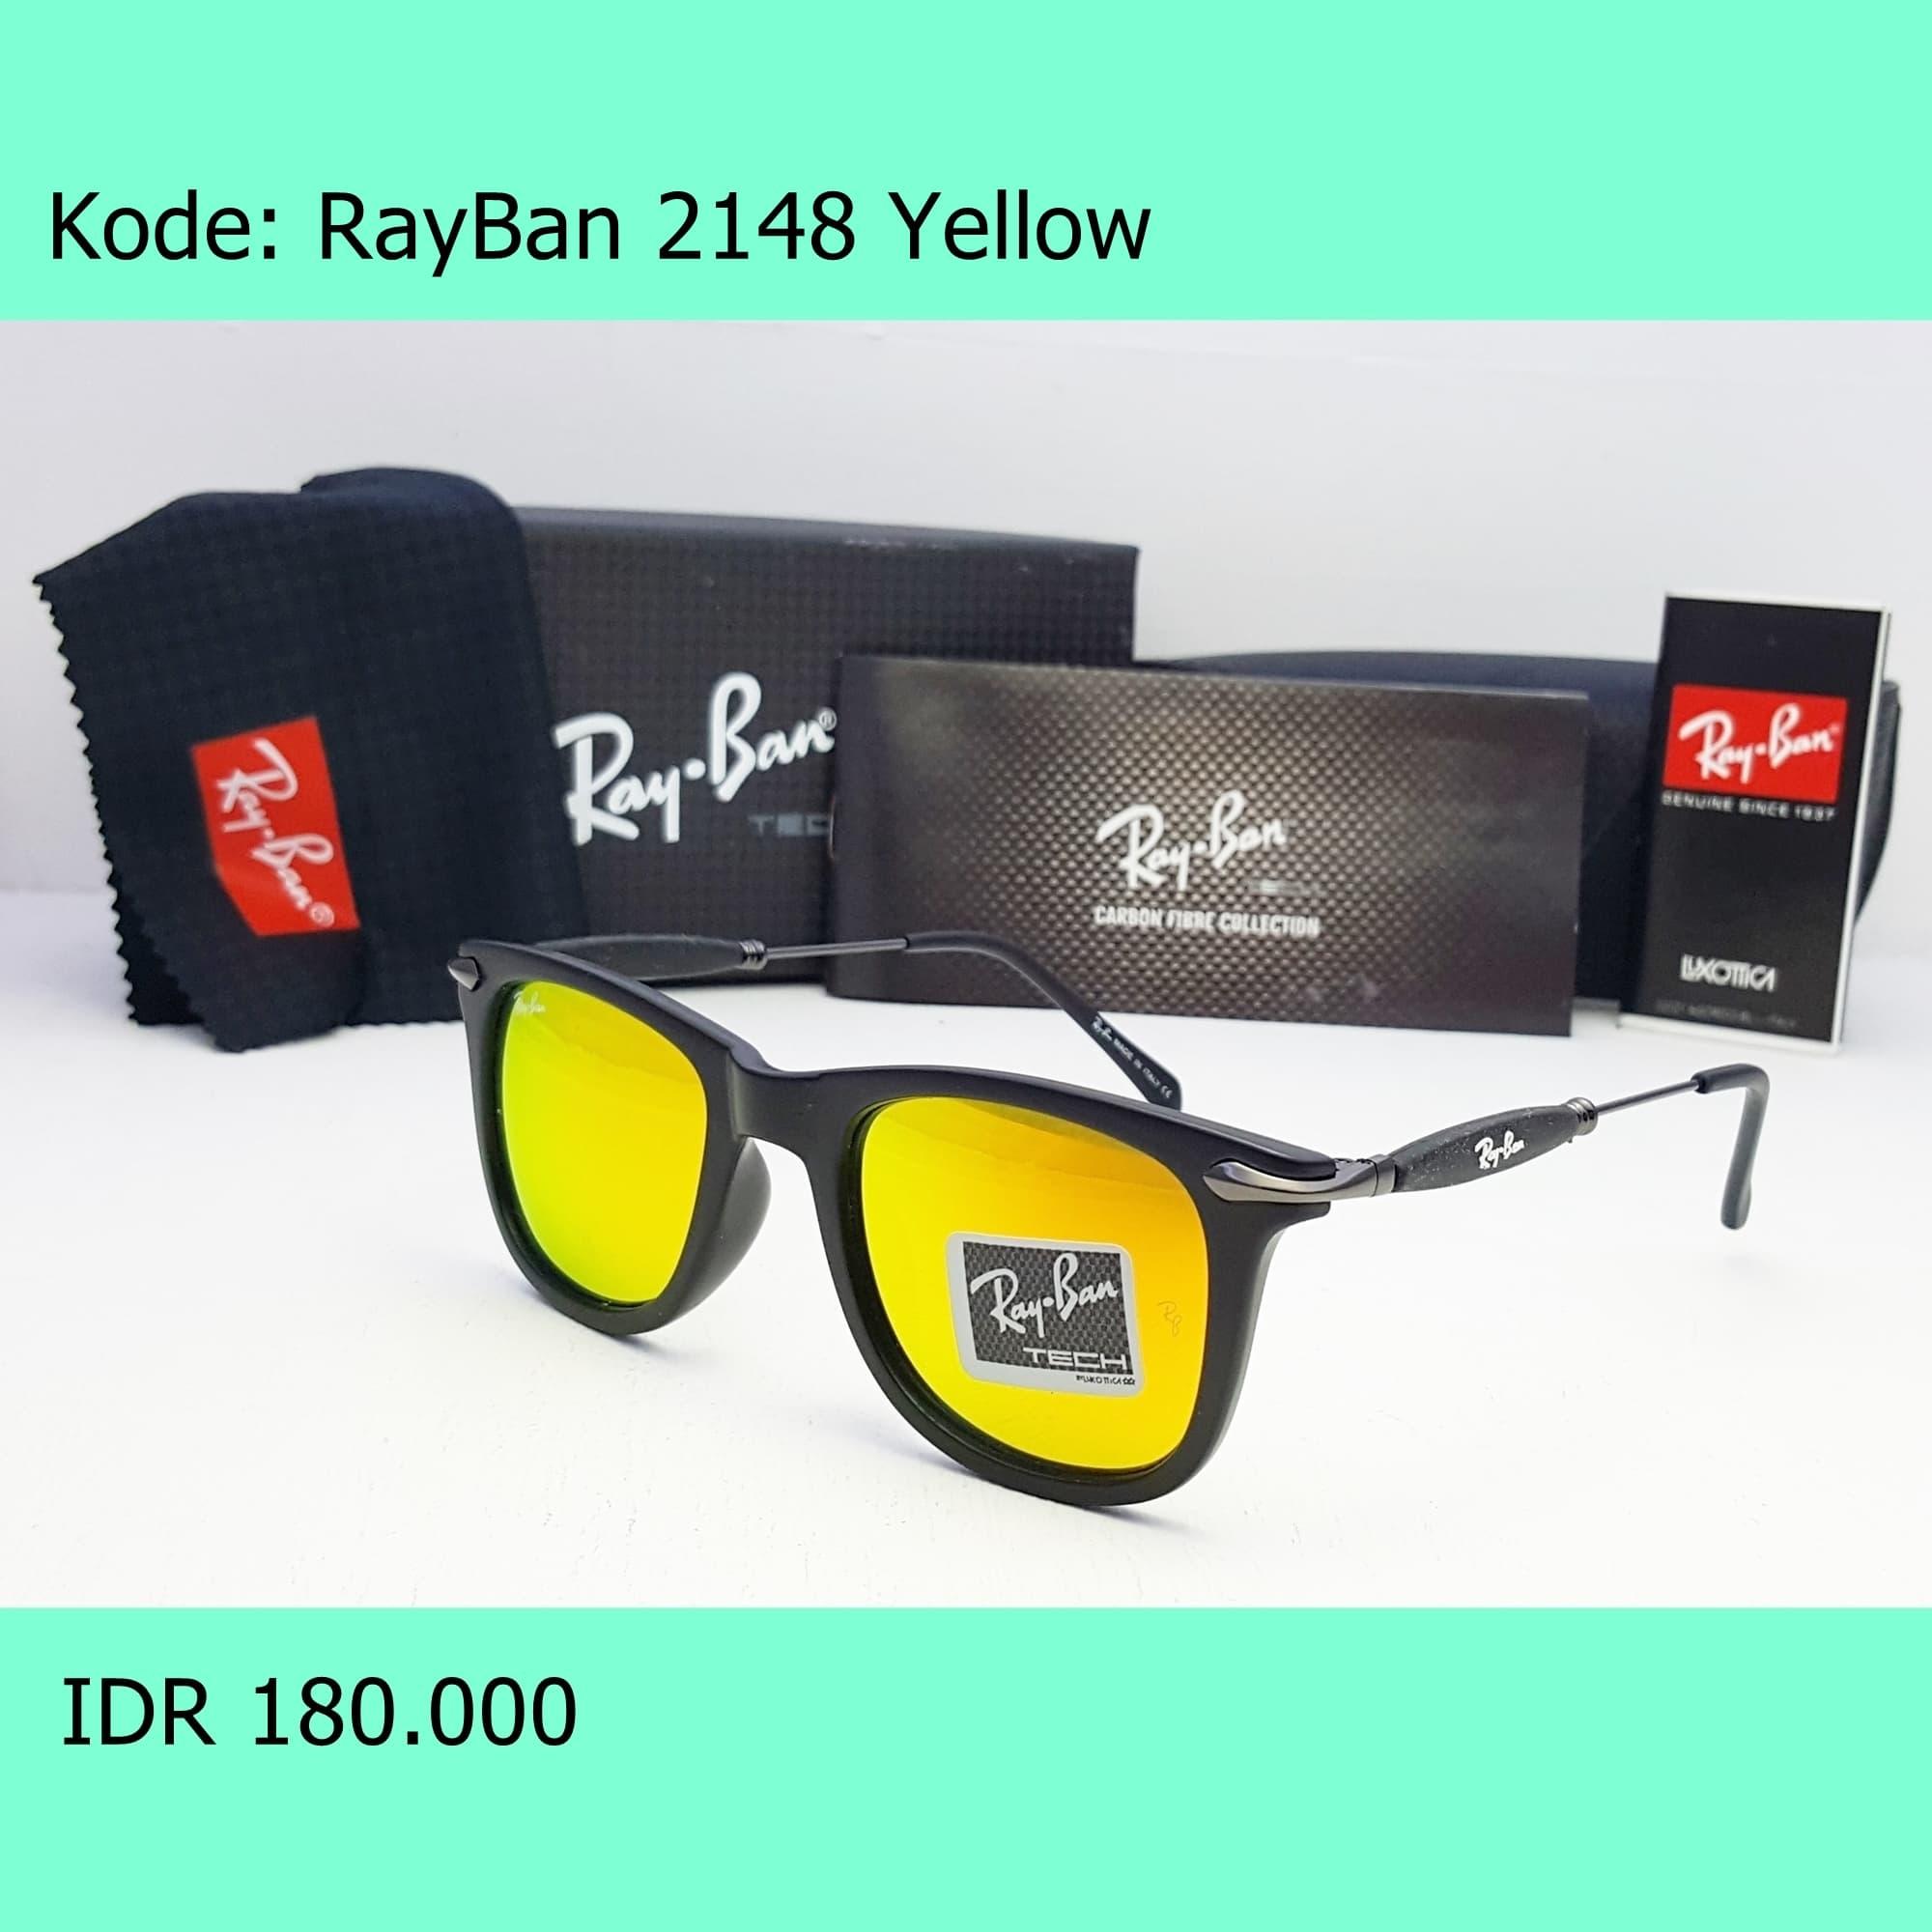 068cbf9b0b Jual Kacamata Sunglasses Mirror 2148 Rectangle Sport Fullset ...